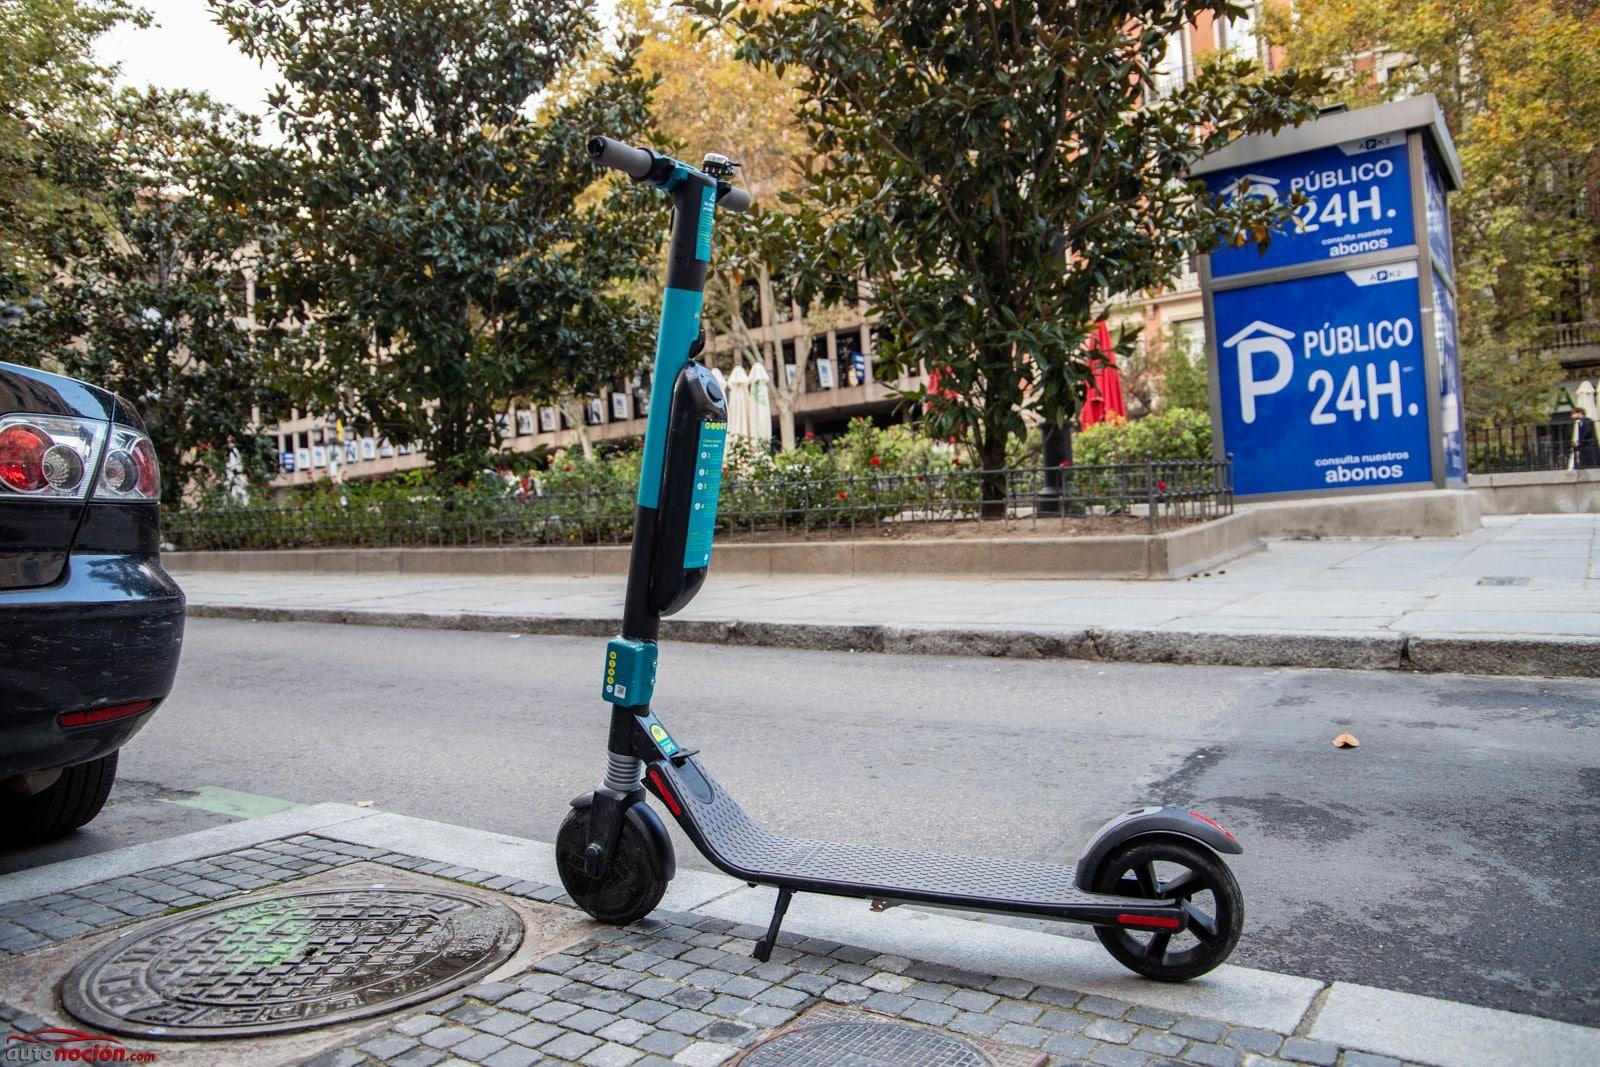 617c90ce552a Circular en patinete eléctrico por Barcelona: Normativa